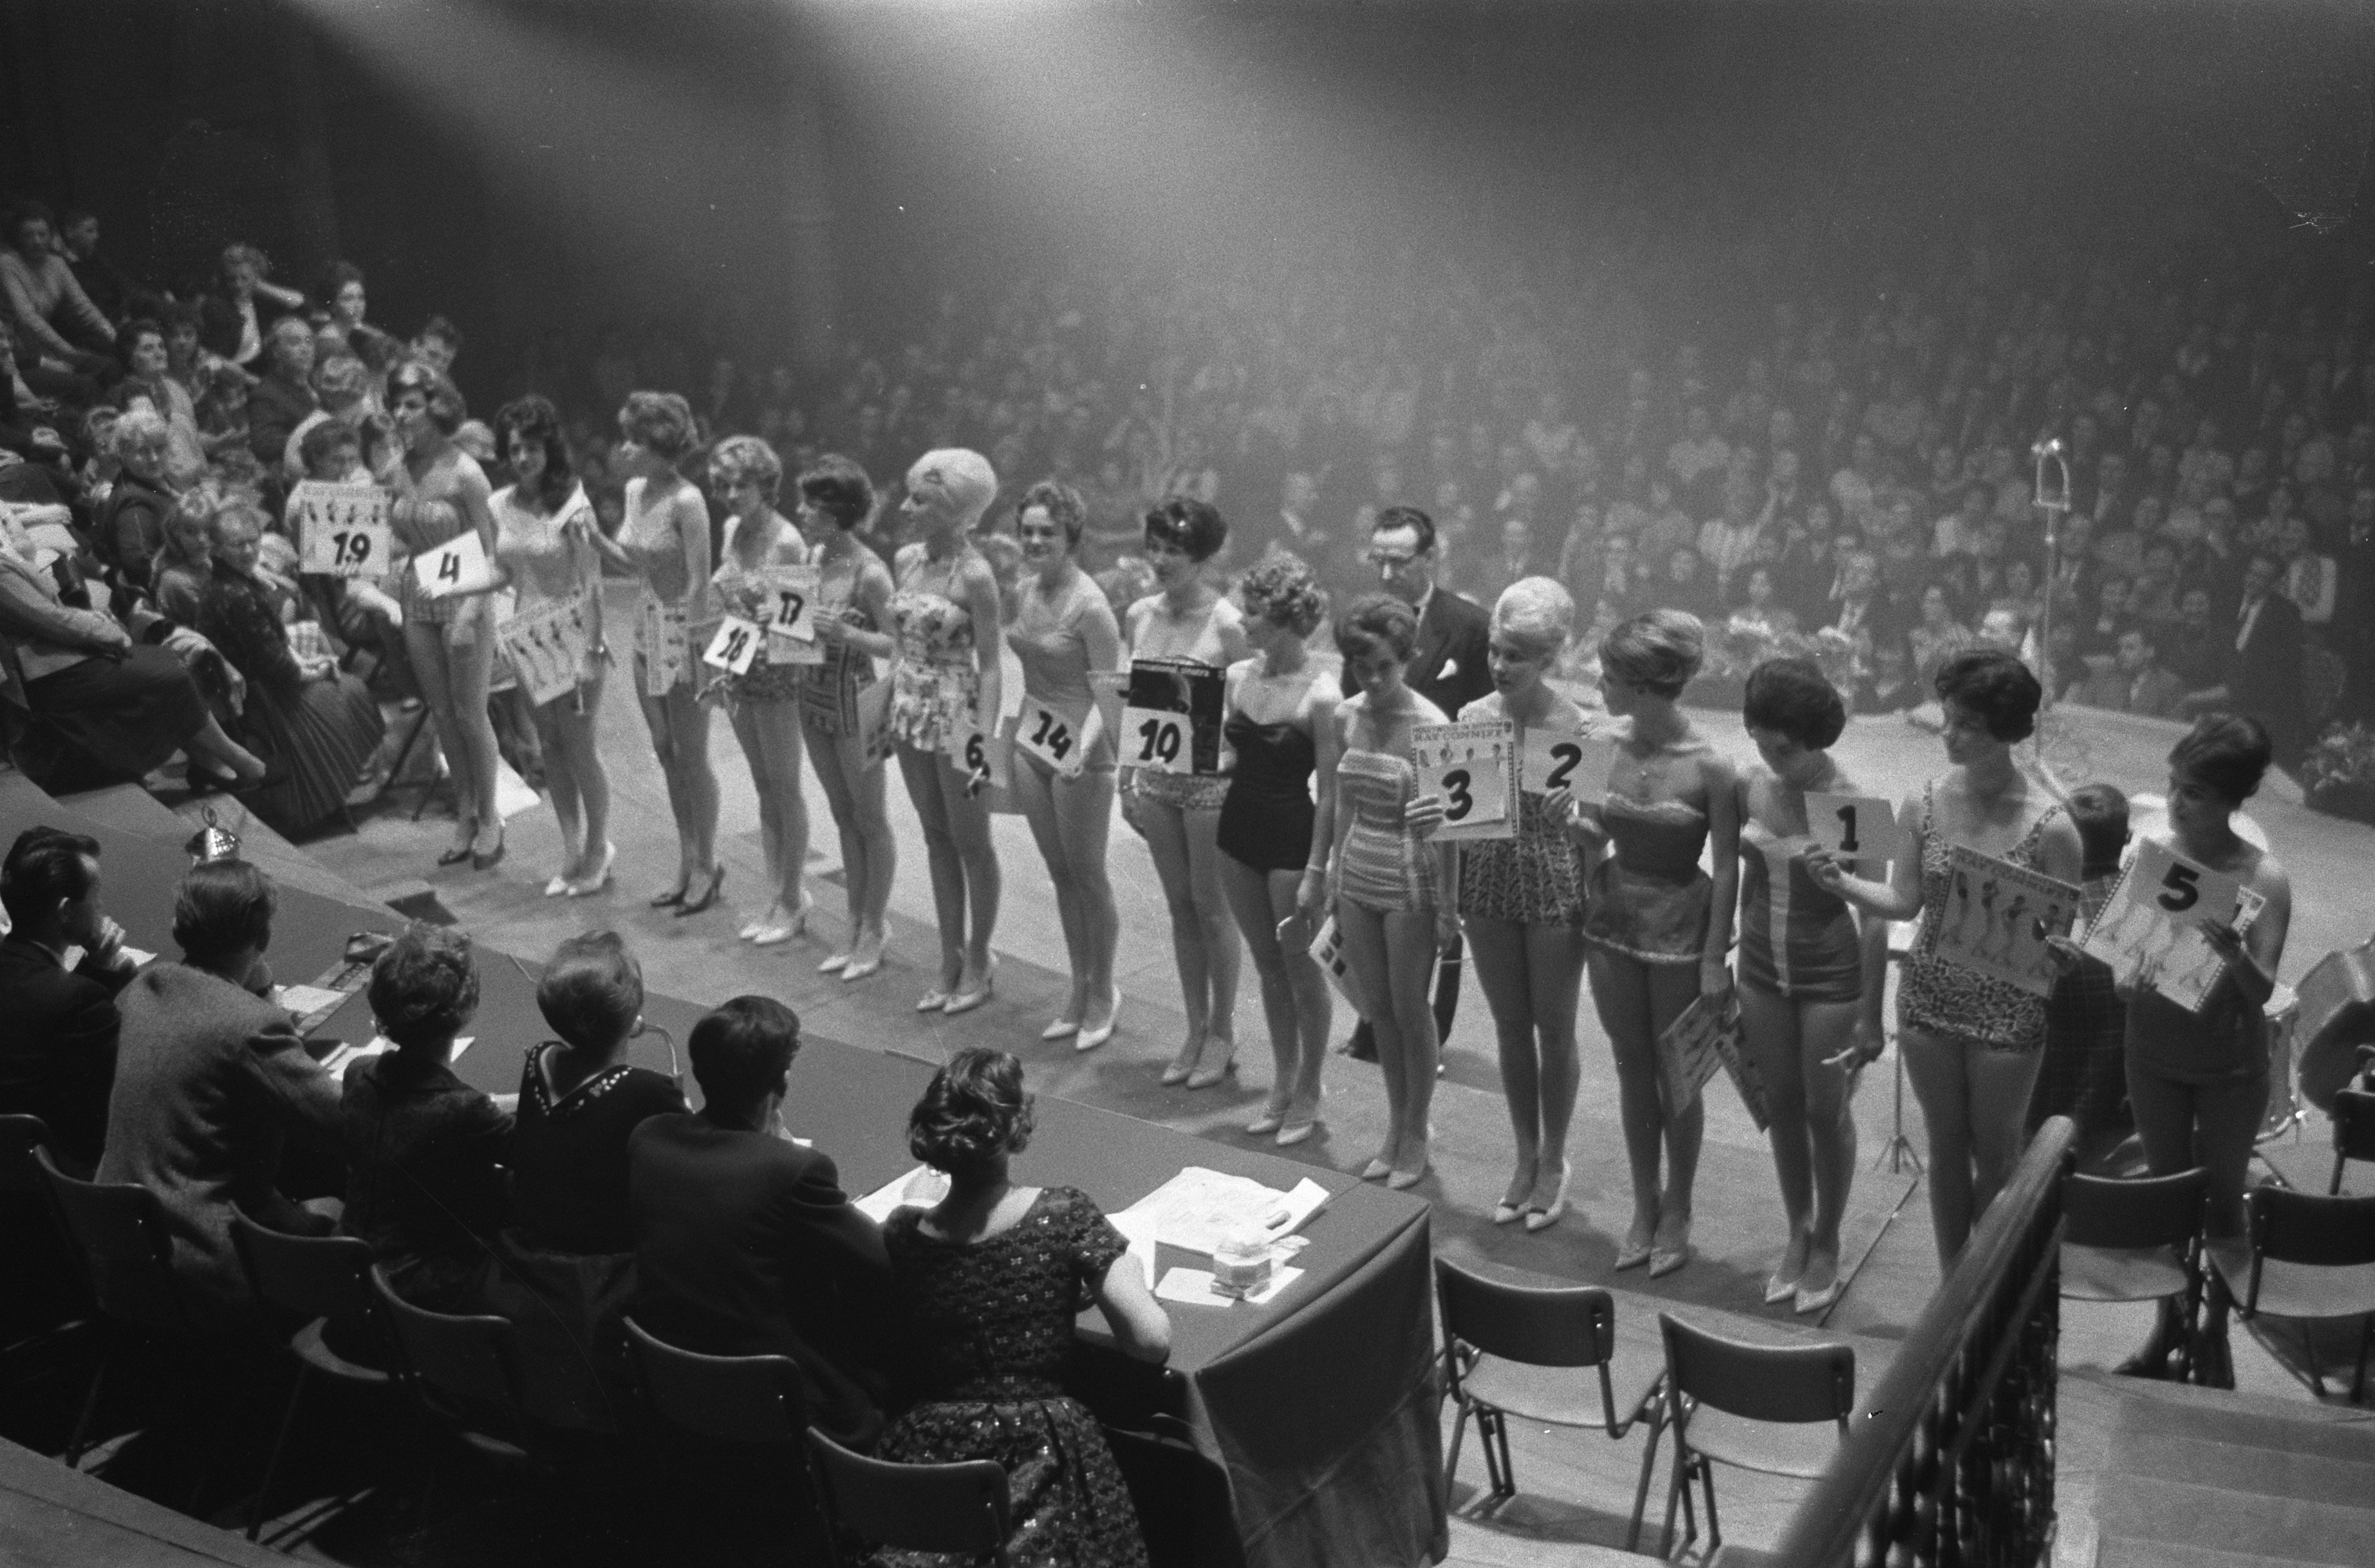 Verkiezing van Miss Amsterdam 1960 in het Concertgebouw de 19 deelneemsters Bestanddeelnr 911 1485